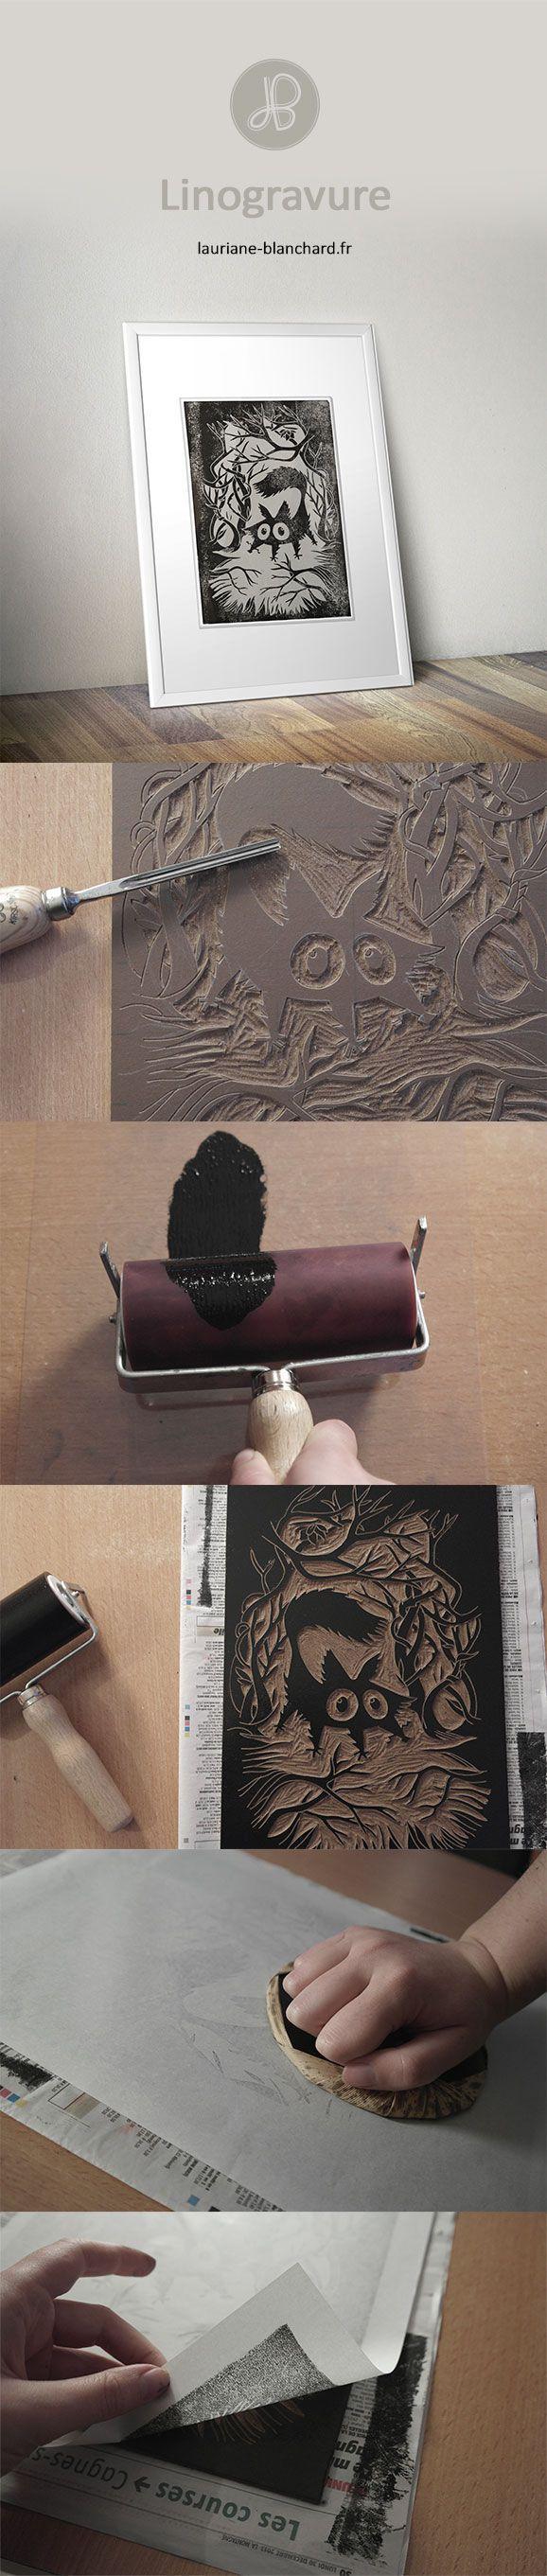 dit is een Linogravure